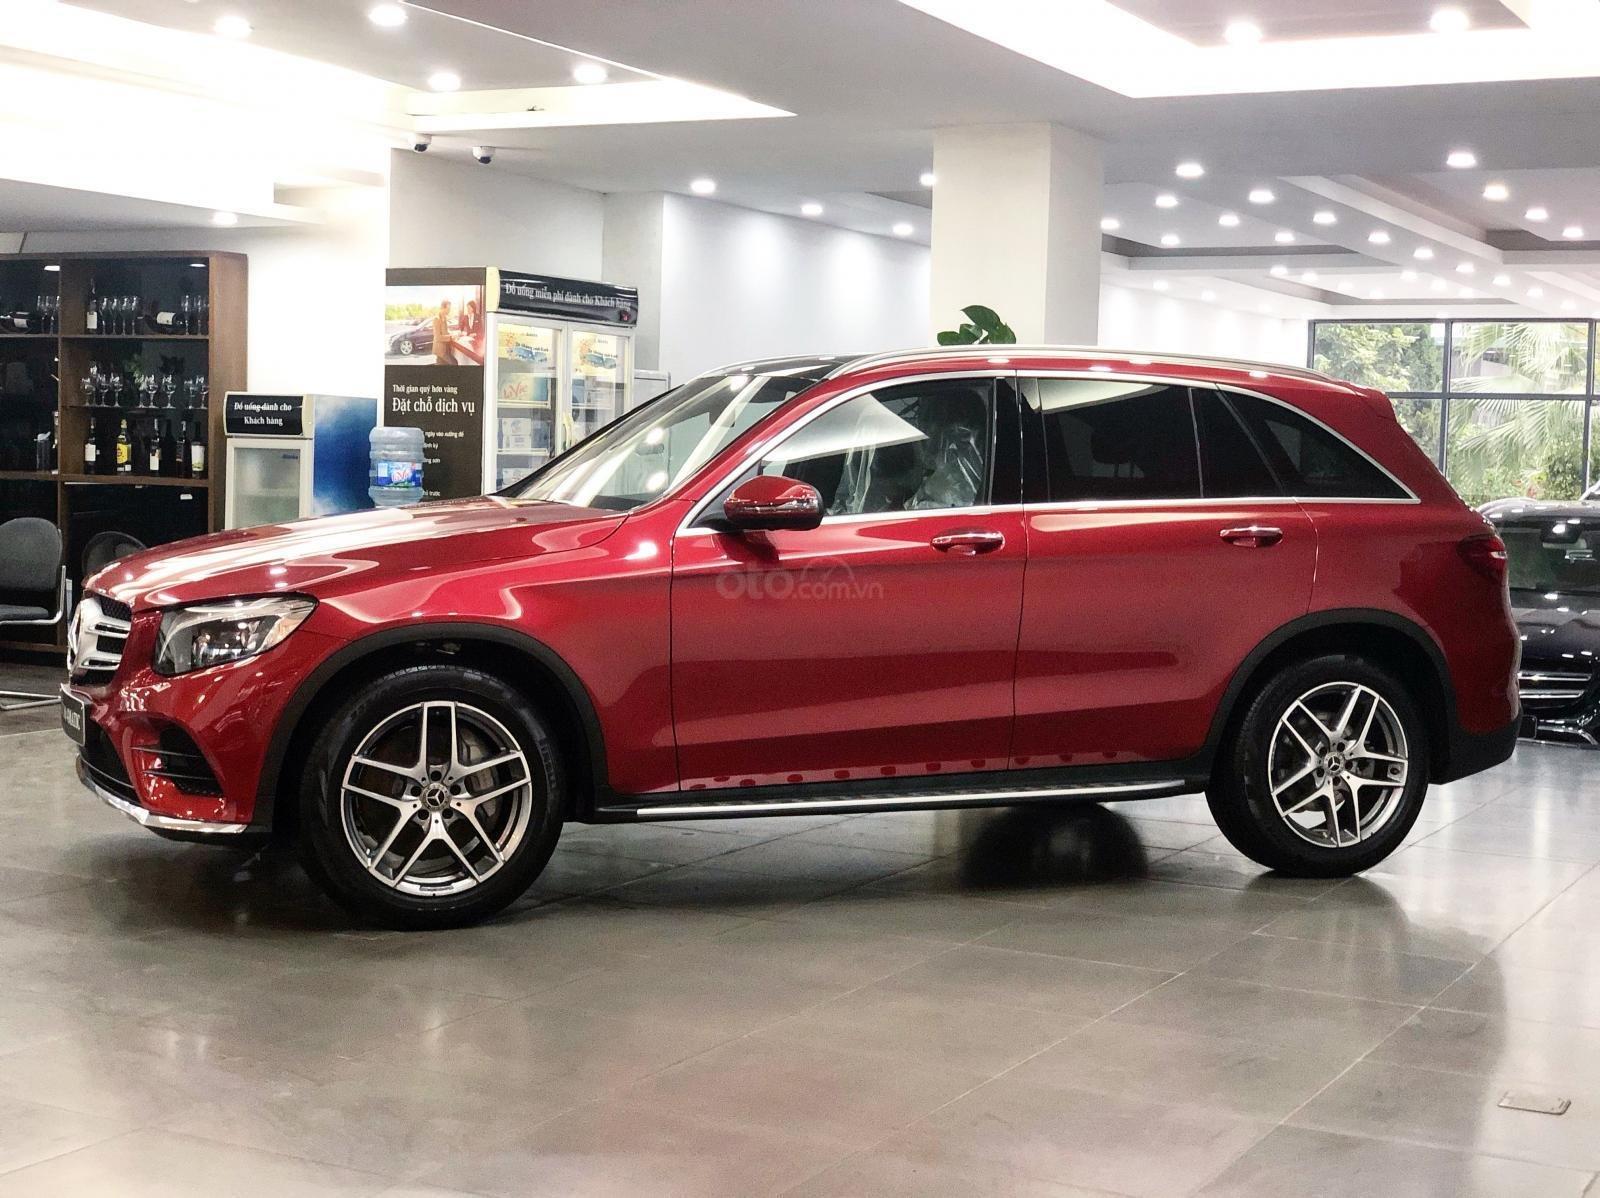 Giá xe Mercedes GLC300 2019 tốt nhất - Đủ màu giao ngay (3)